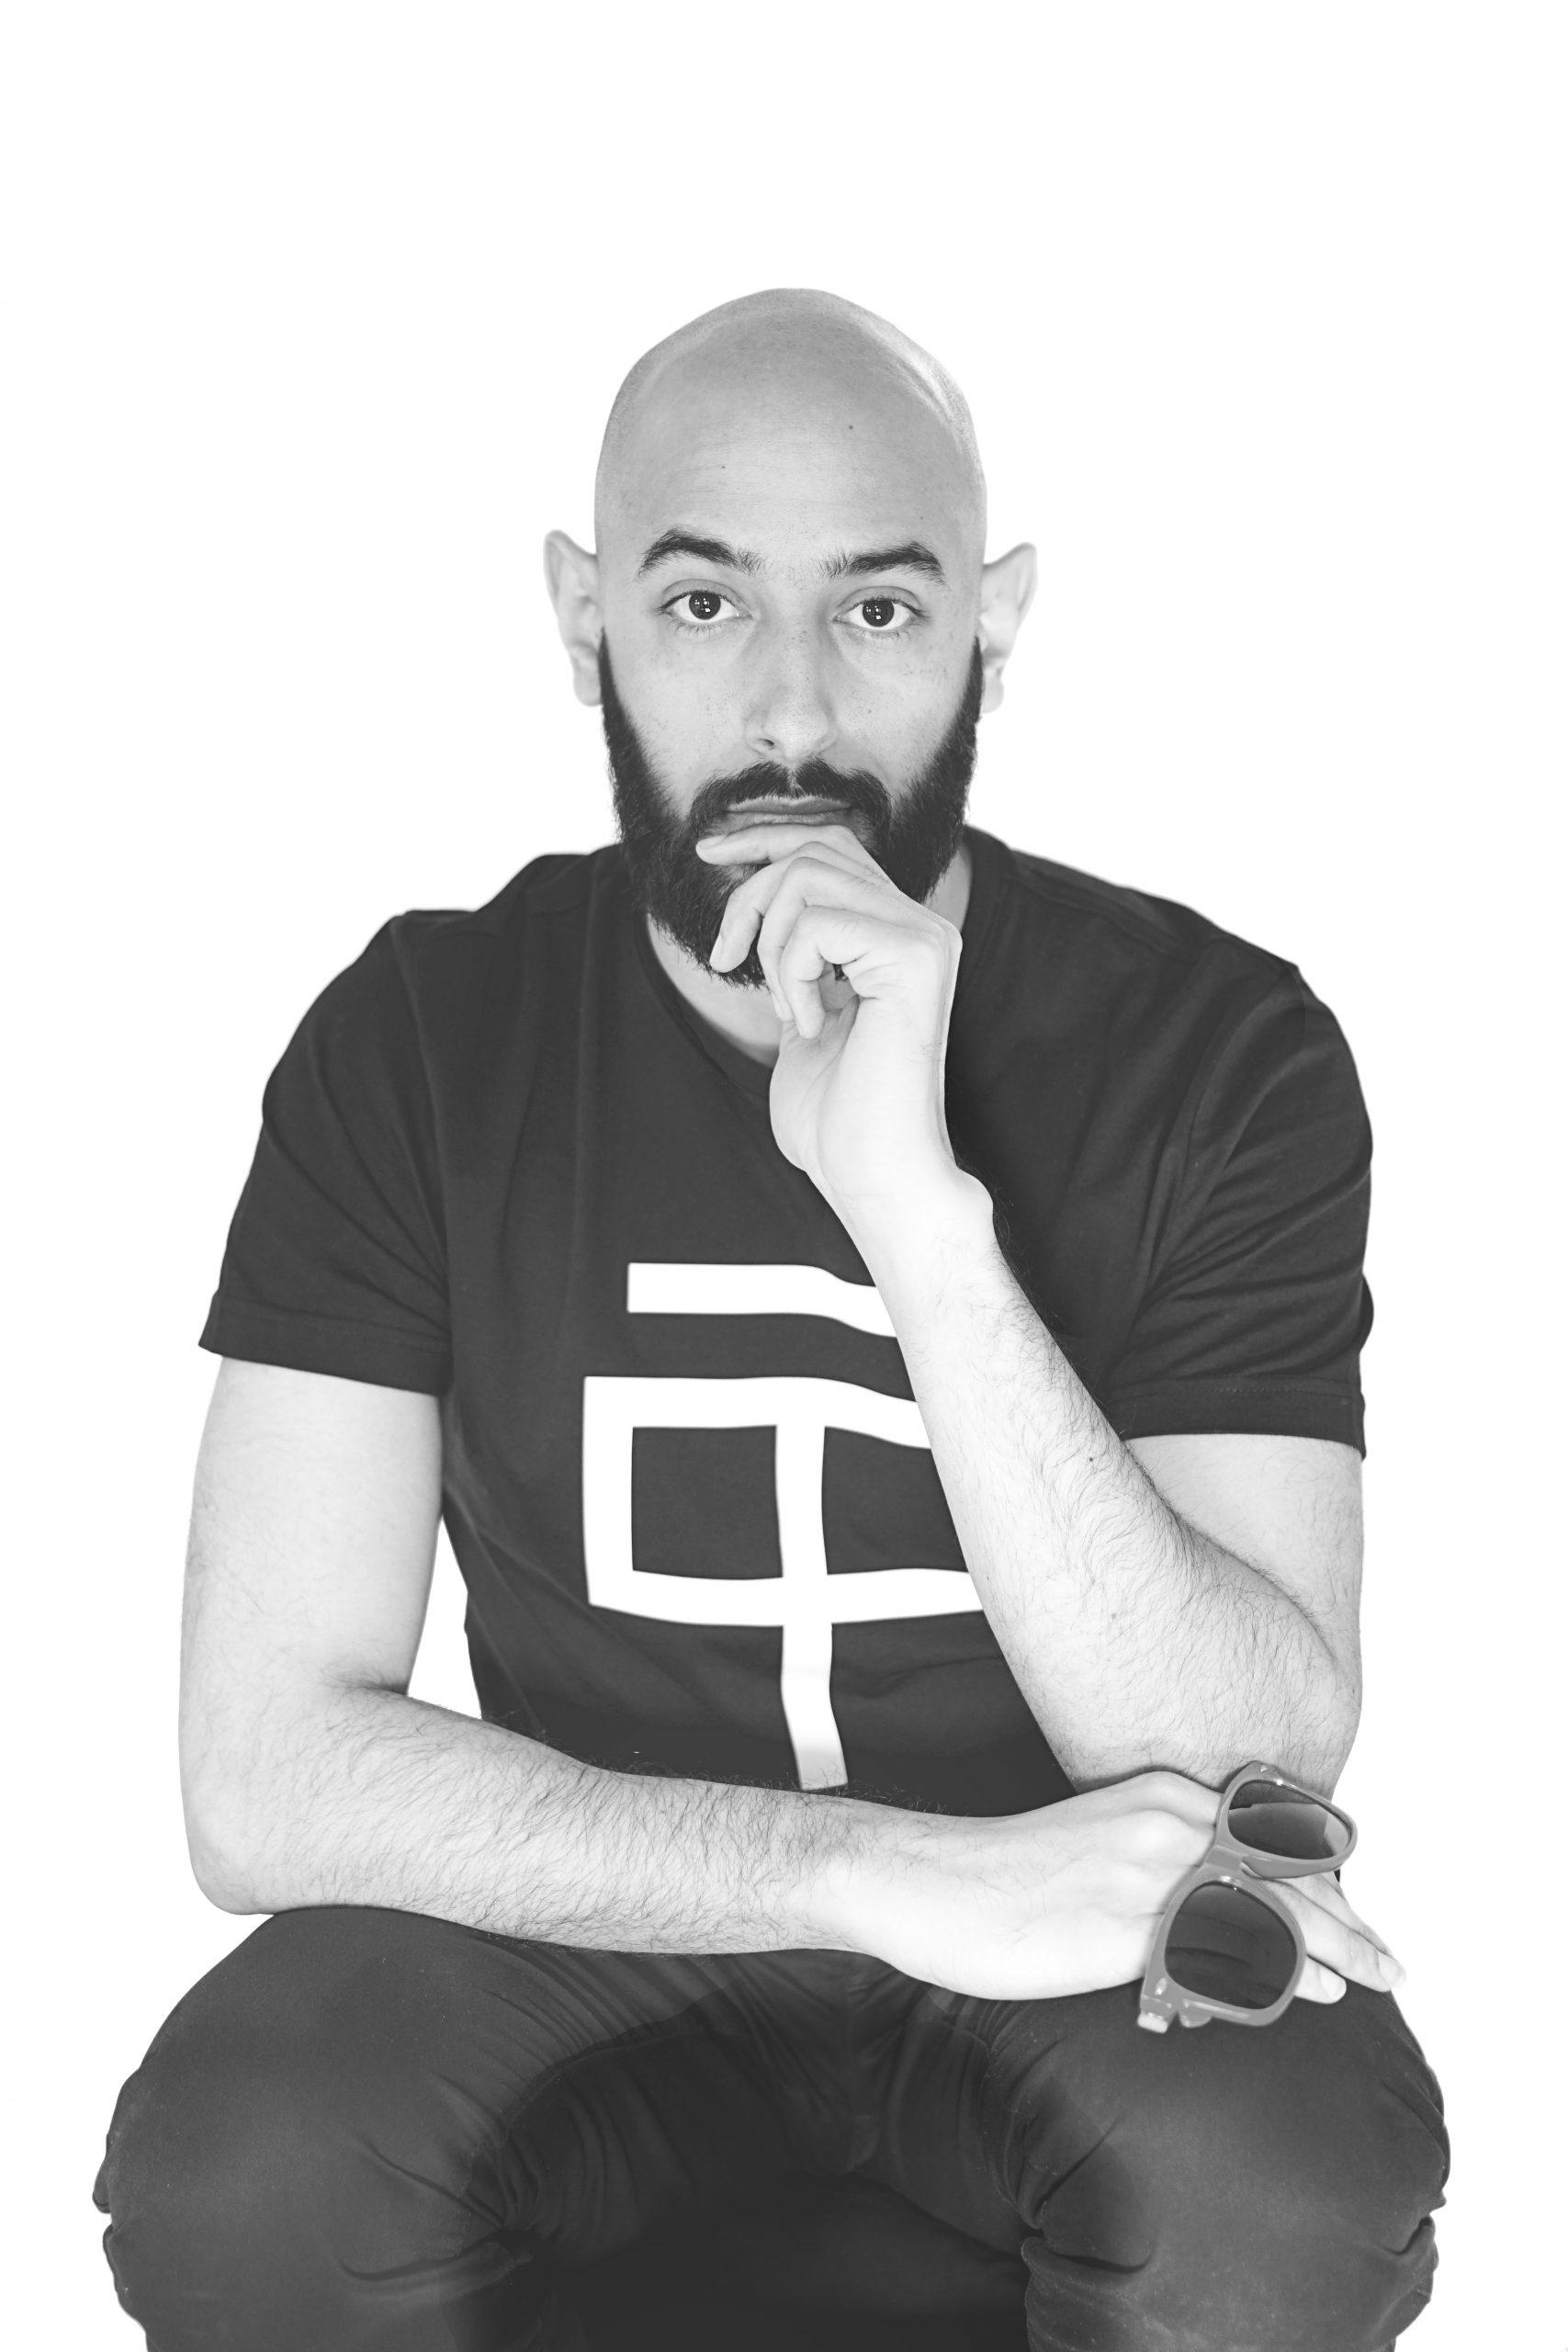 Omar Sinbawy